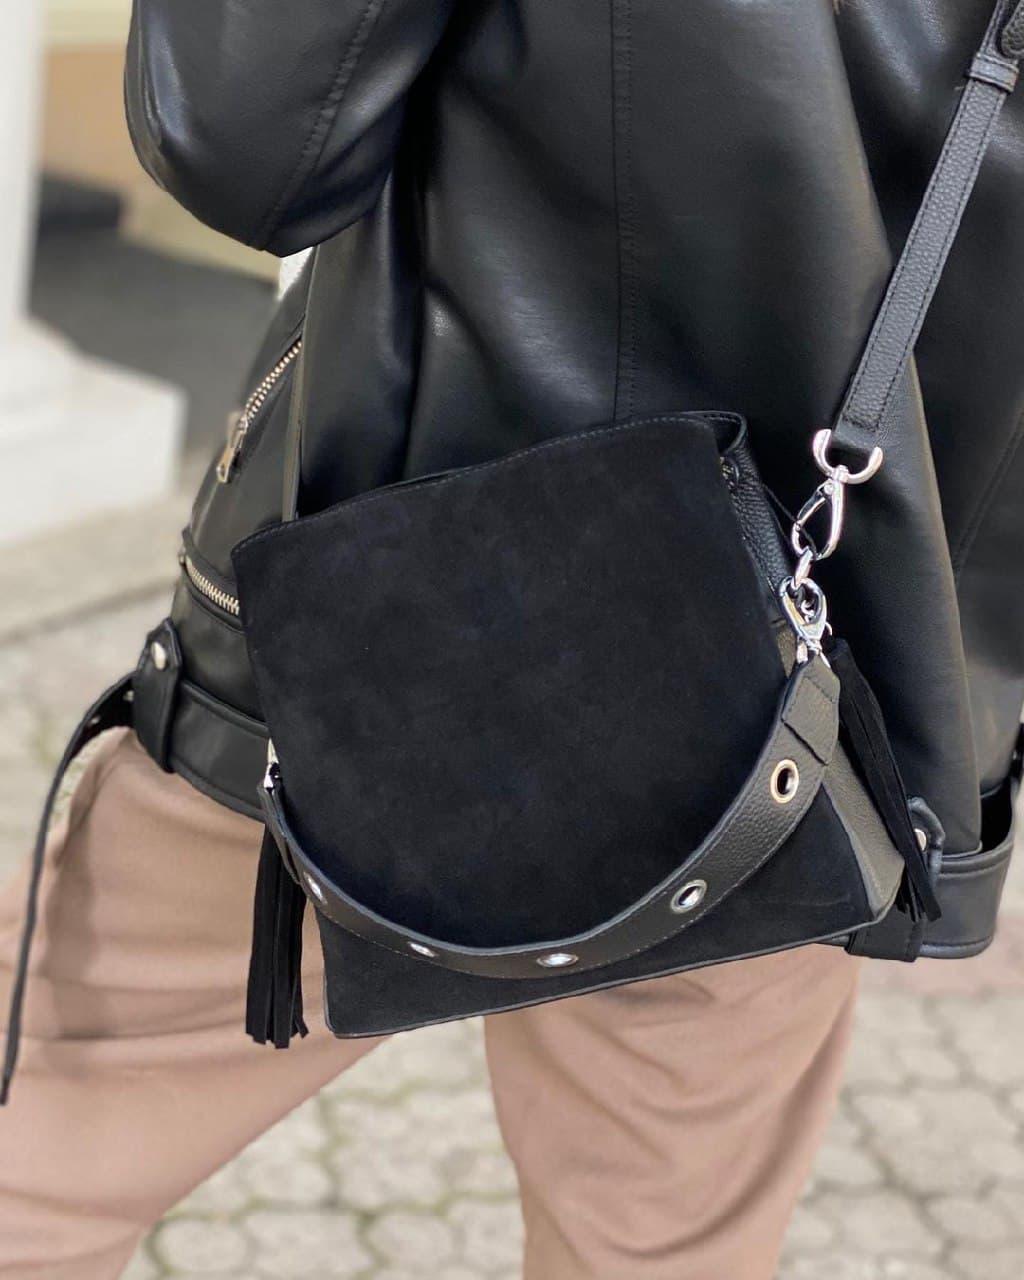 Женская замшевая сумка polina&eiterou в черном цвете